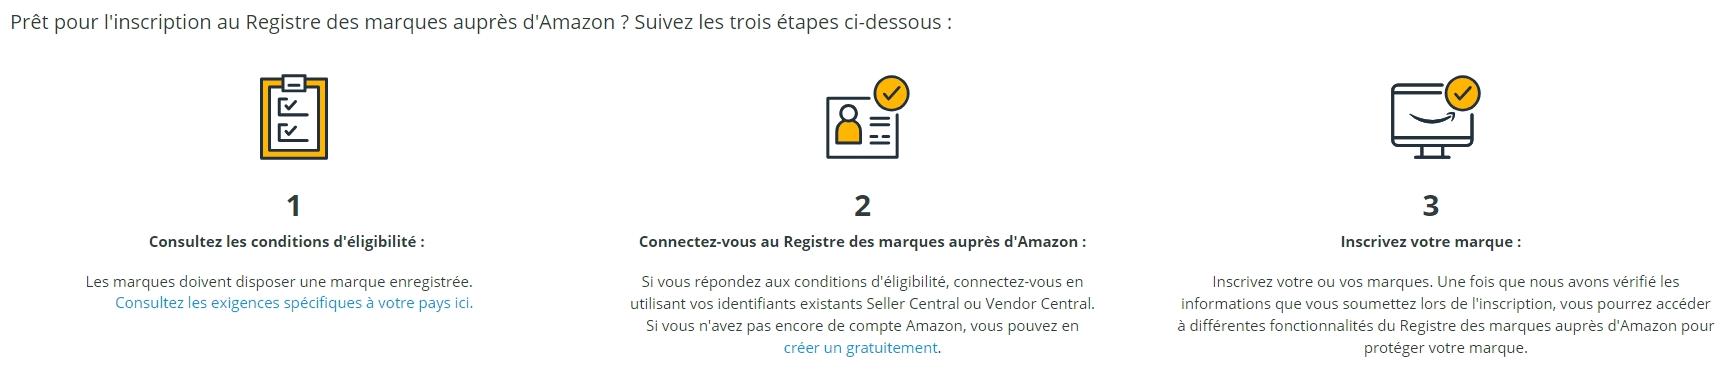 amazon_registre_des_marques